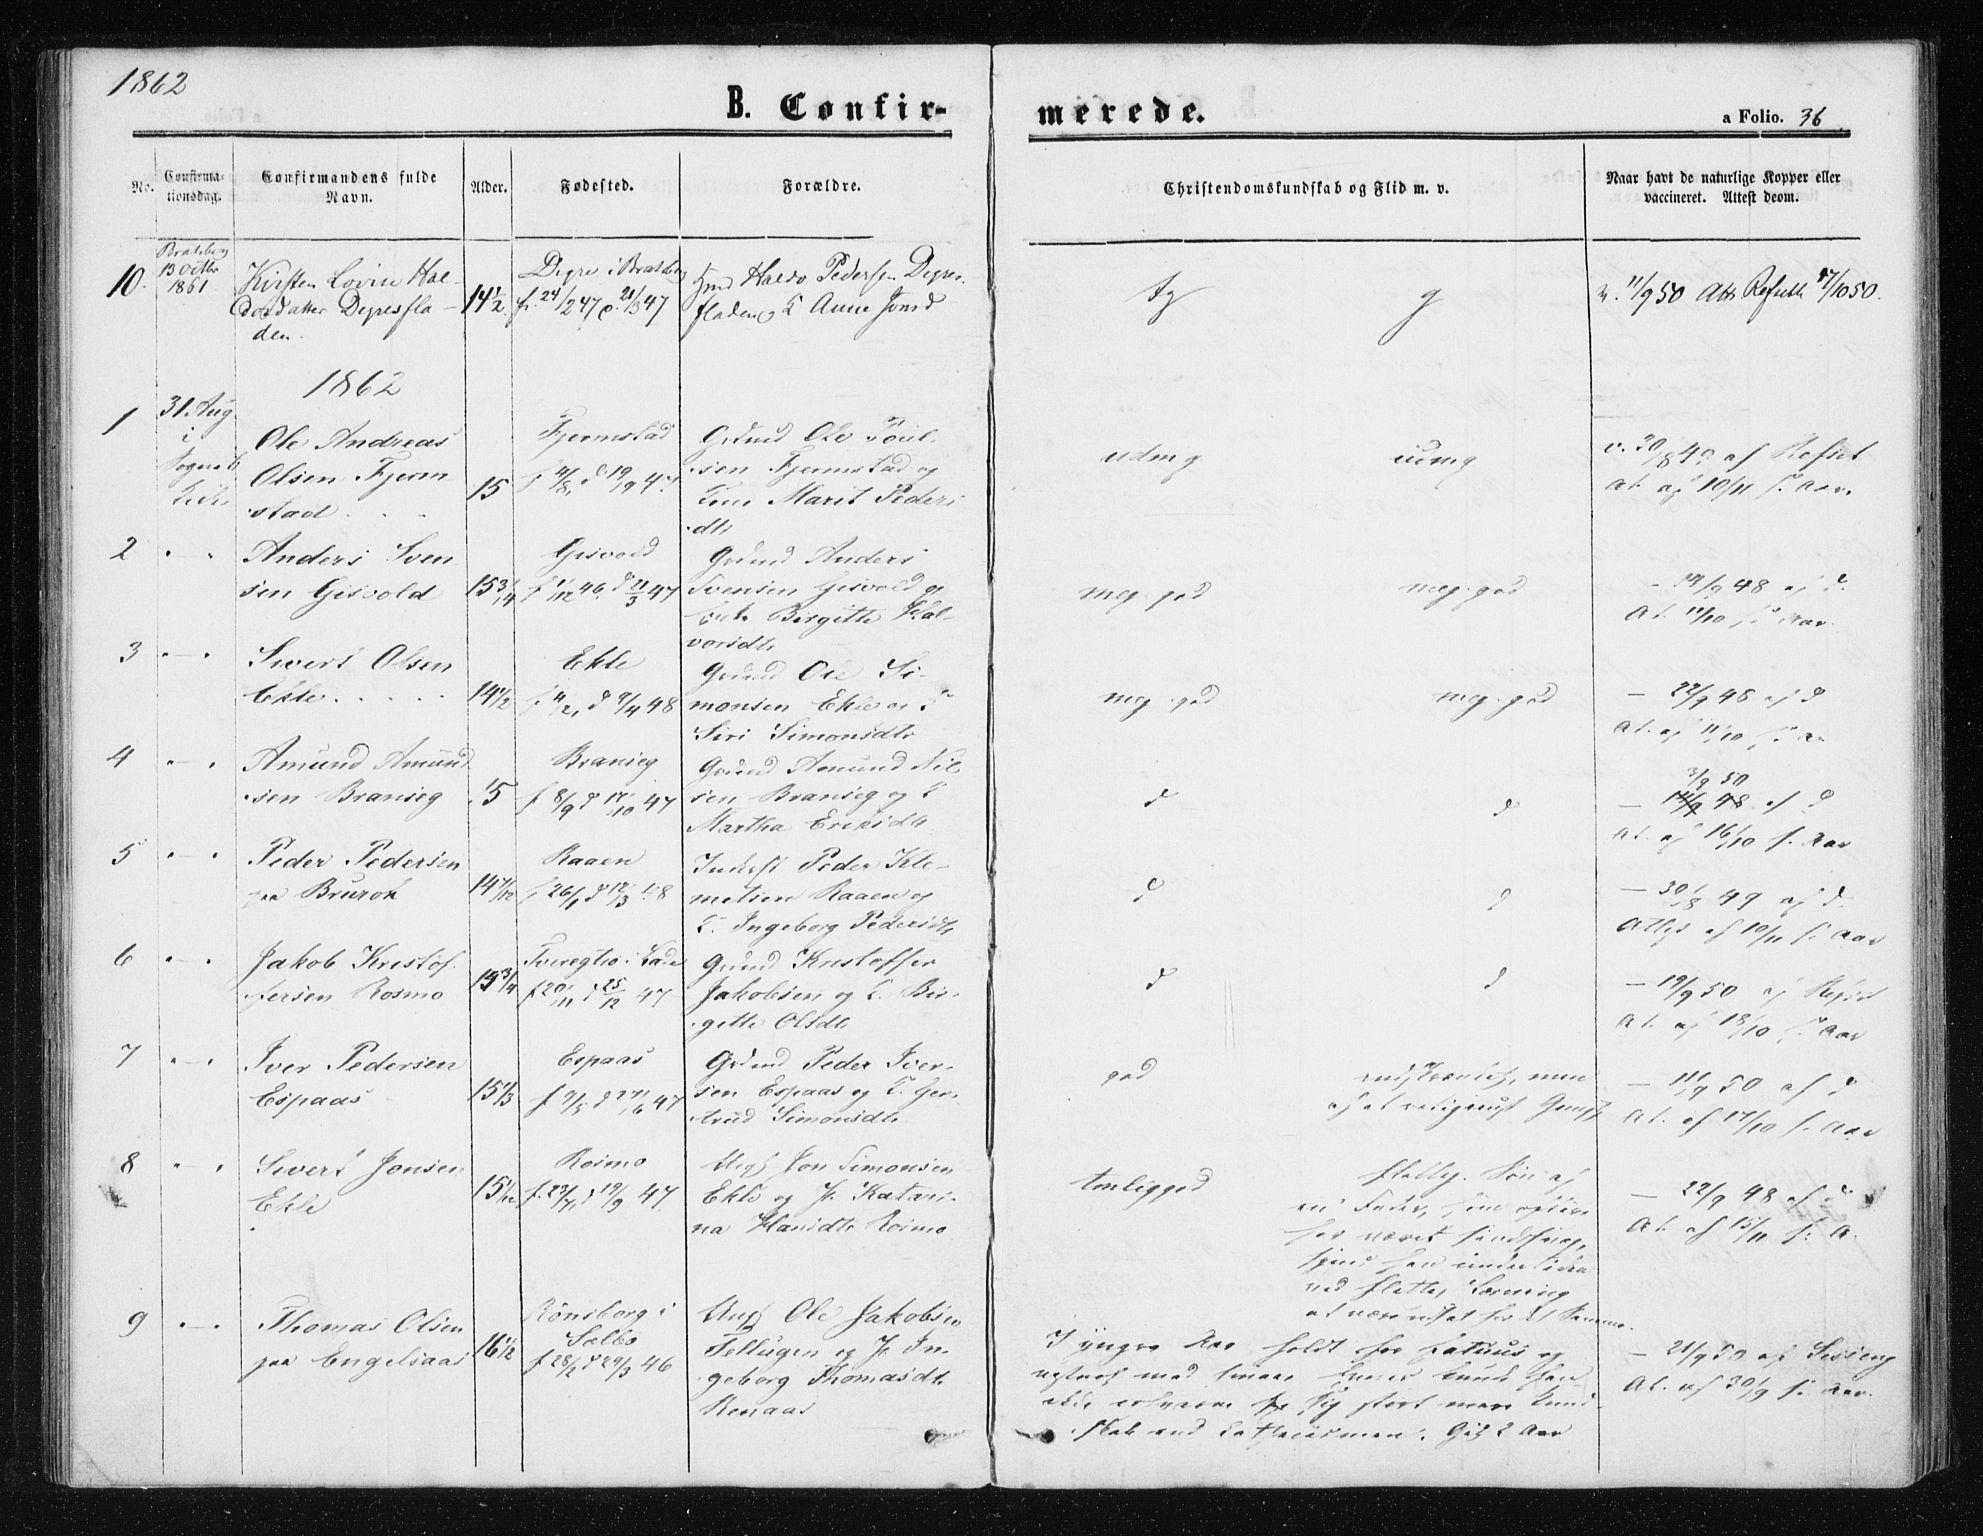 SAT, Ministerialprotokoller, klokkerbøker og fødselsregistre - Sør-Trøndelag, 608/L0333: Ministerialbok nr. 608A02, 1862-1876, s. 36